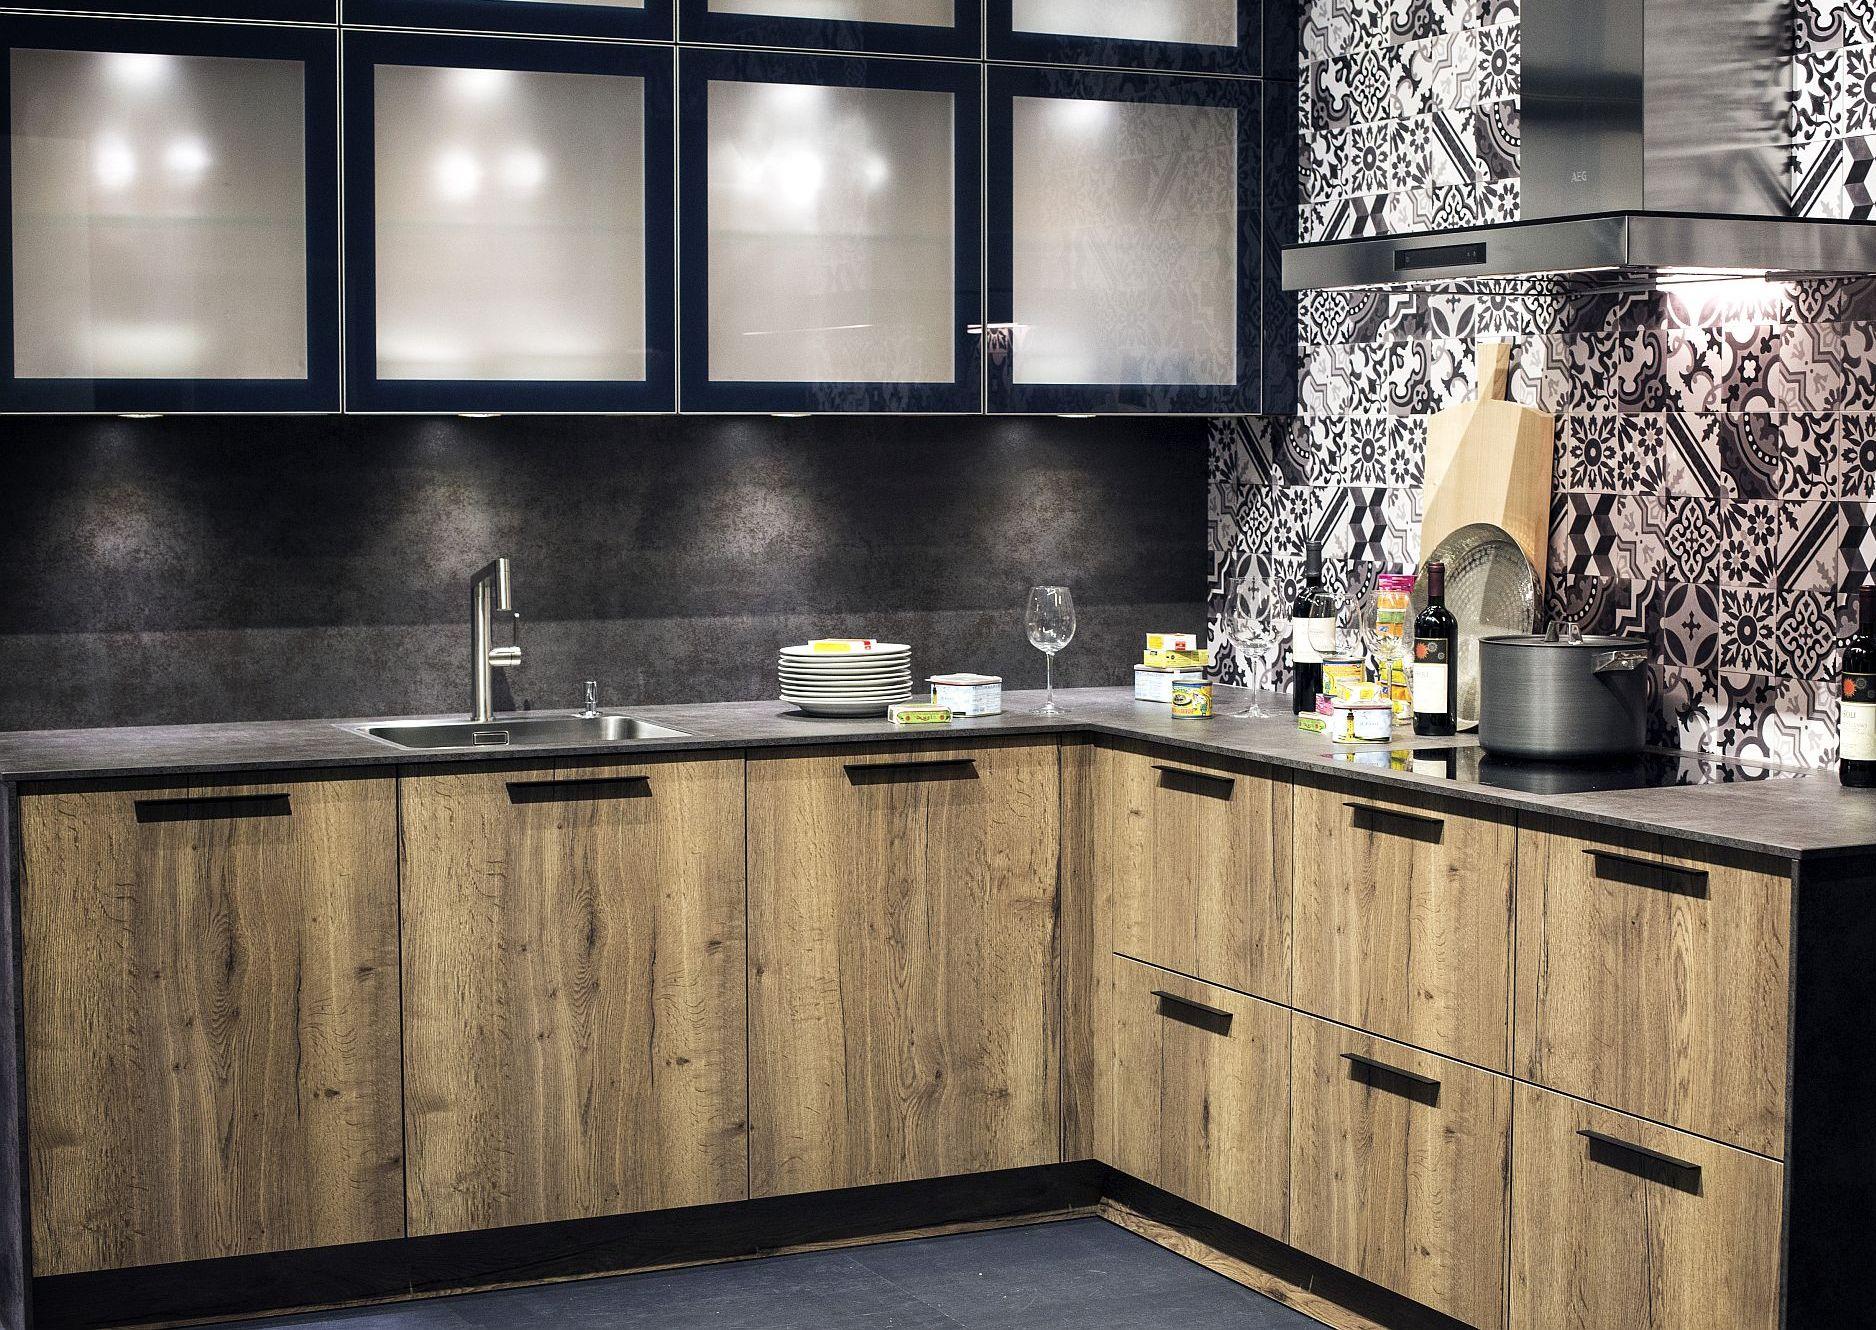 Современный дизайн интерьера и мебели для маленькой кухни. Компактное размещение мебели  - фото 2